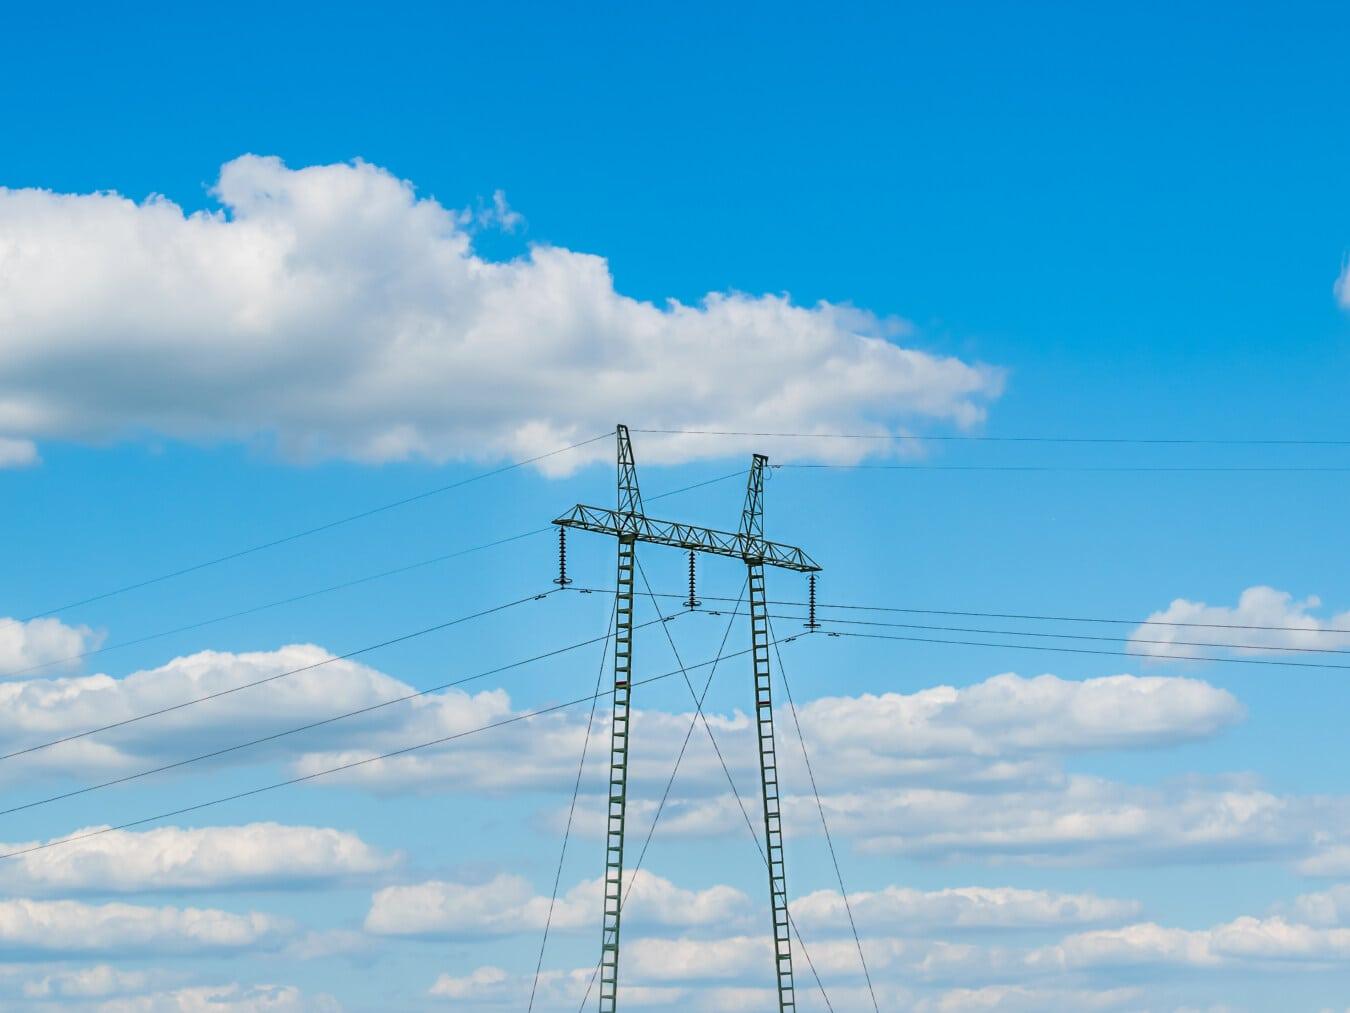 электричество, система, распределение, мощность, напряжения, высокая, пилон, напряжение, кабель, провода